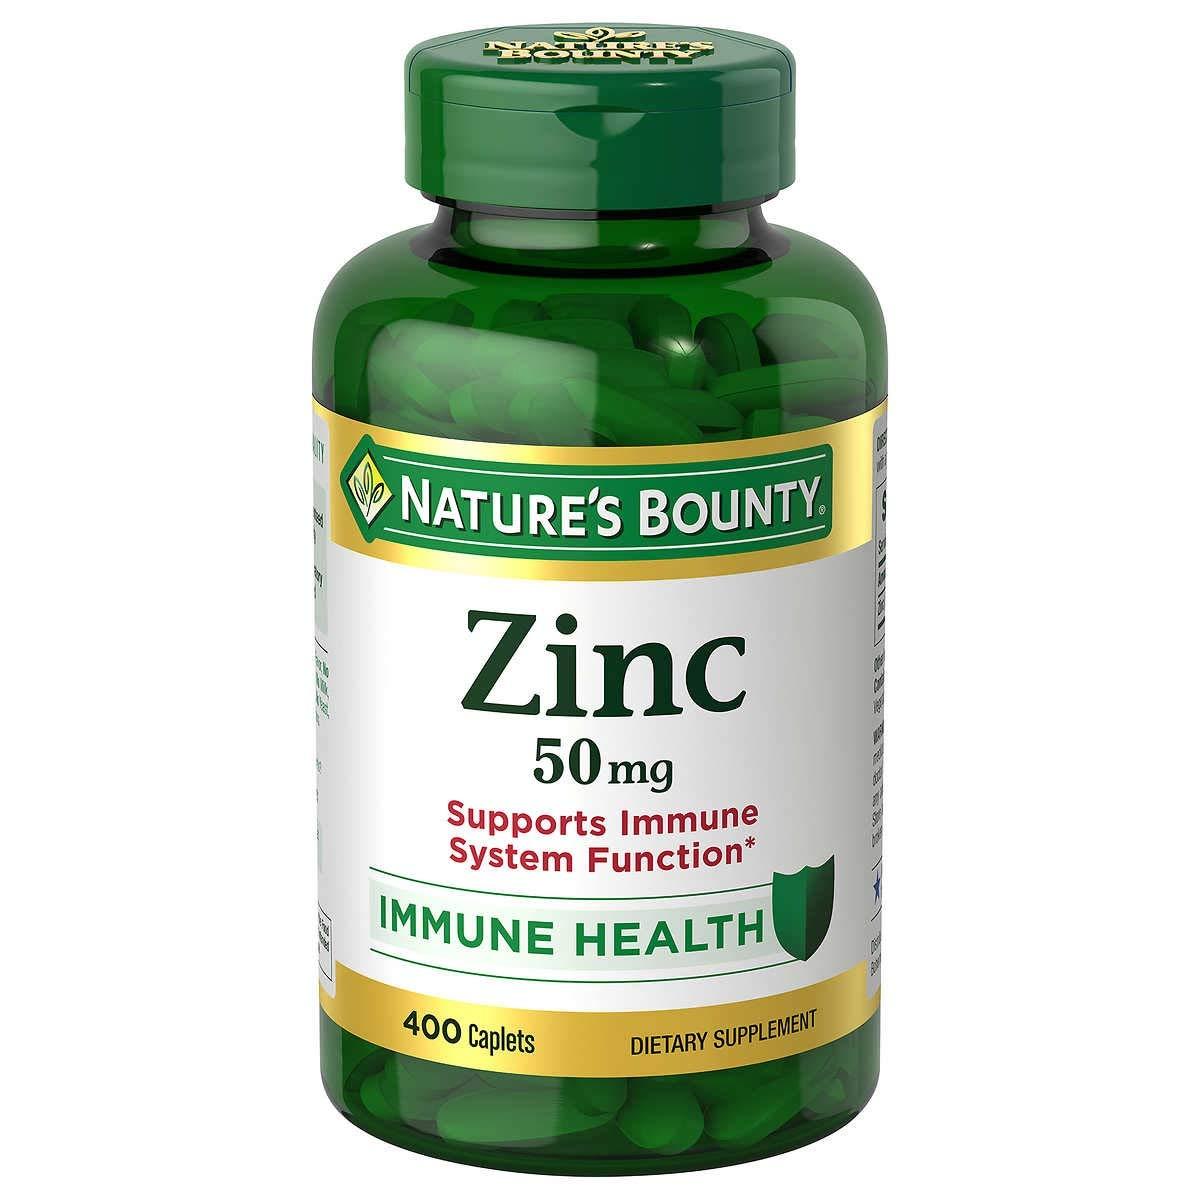 Nature's Bounty Zinc 50mg - Viên uống bổ sung Kẽm - 400 Viên [HÀNG USA]